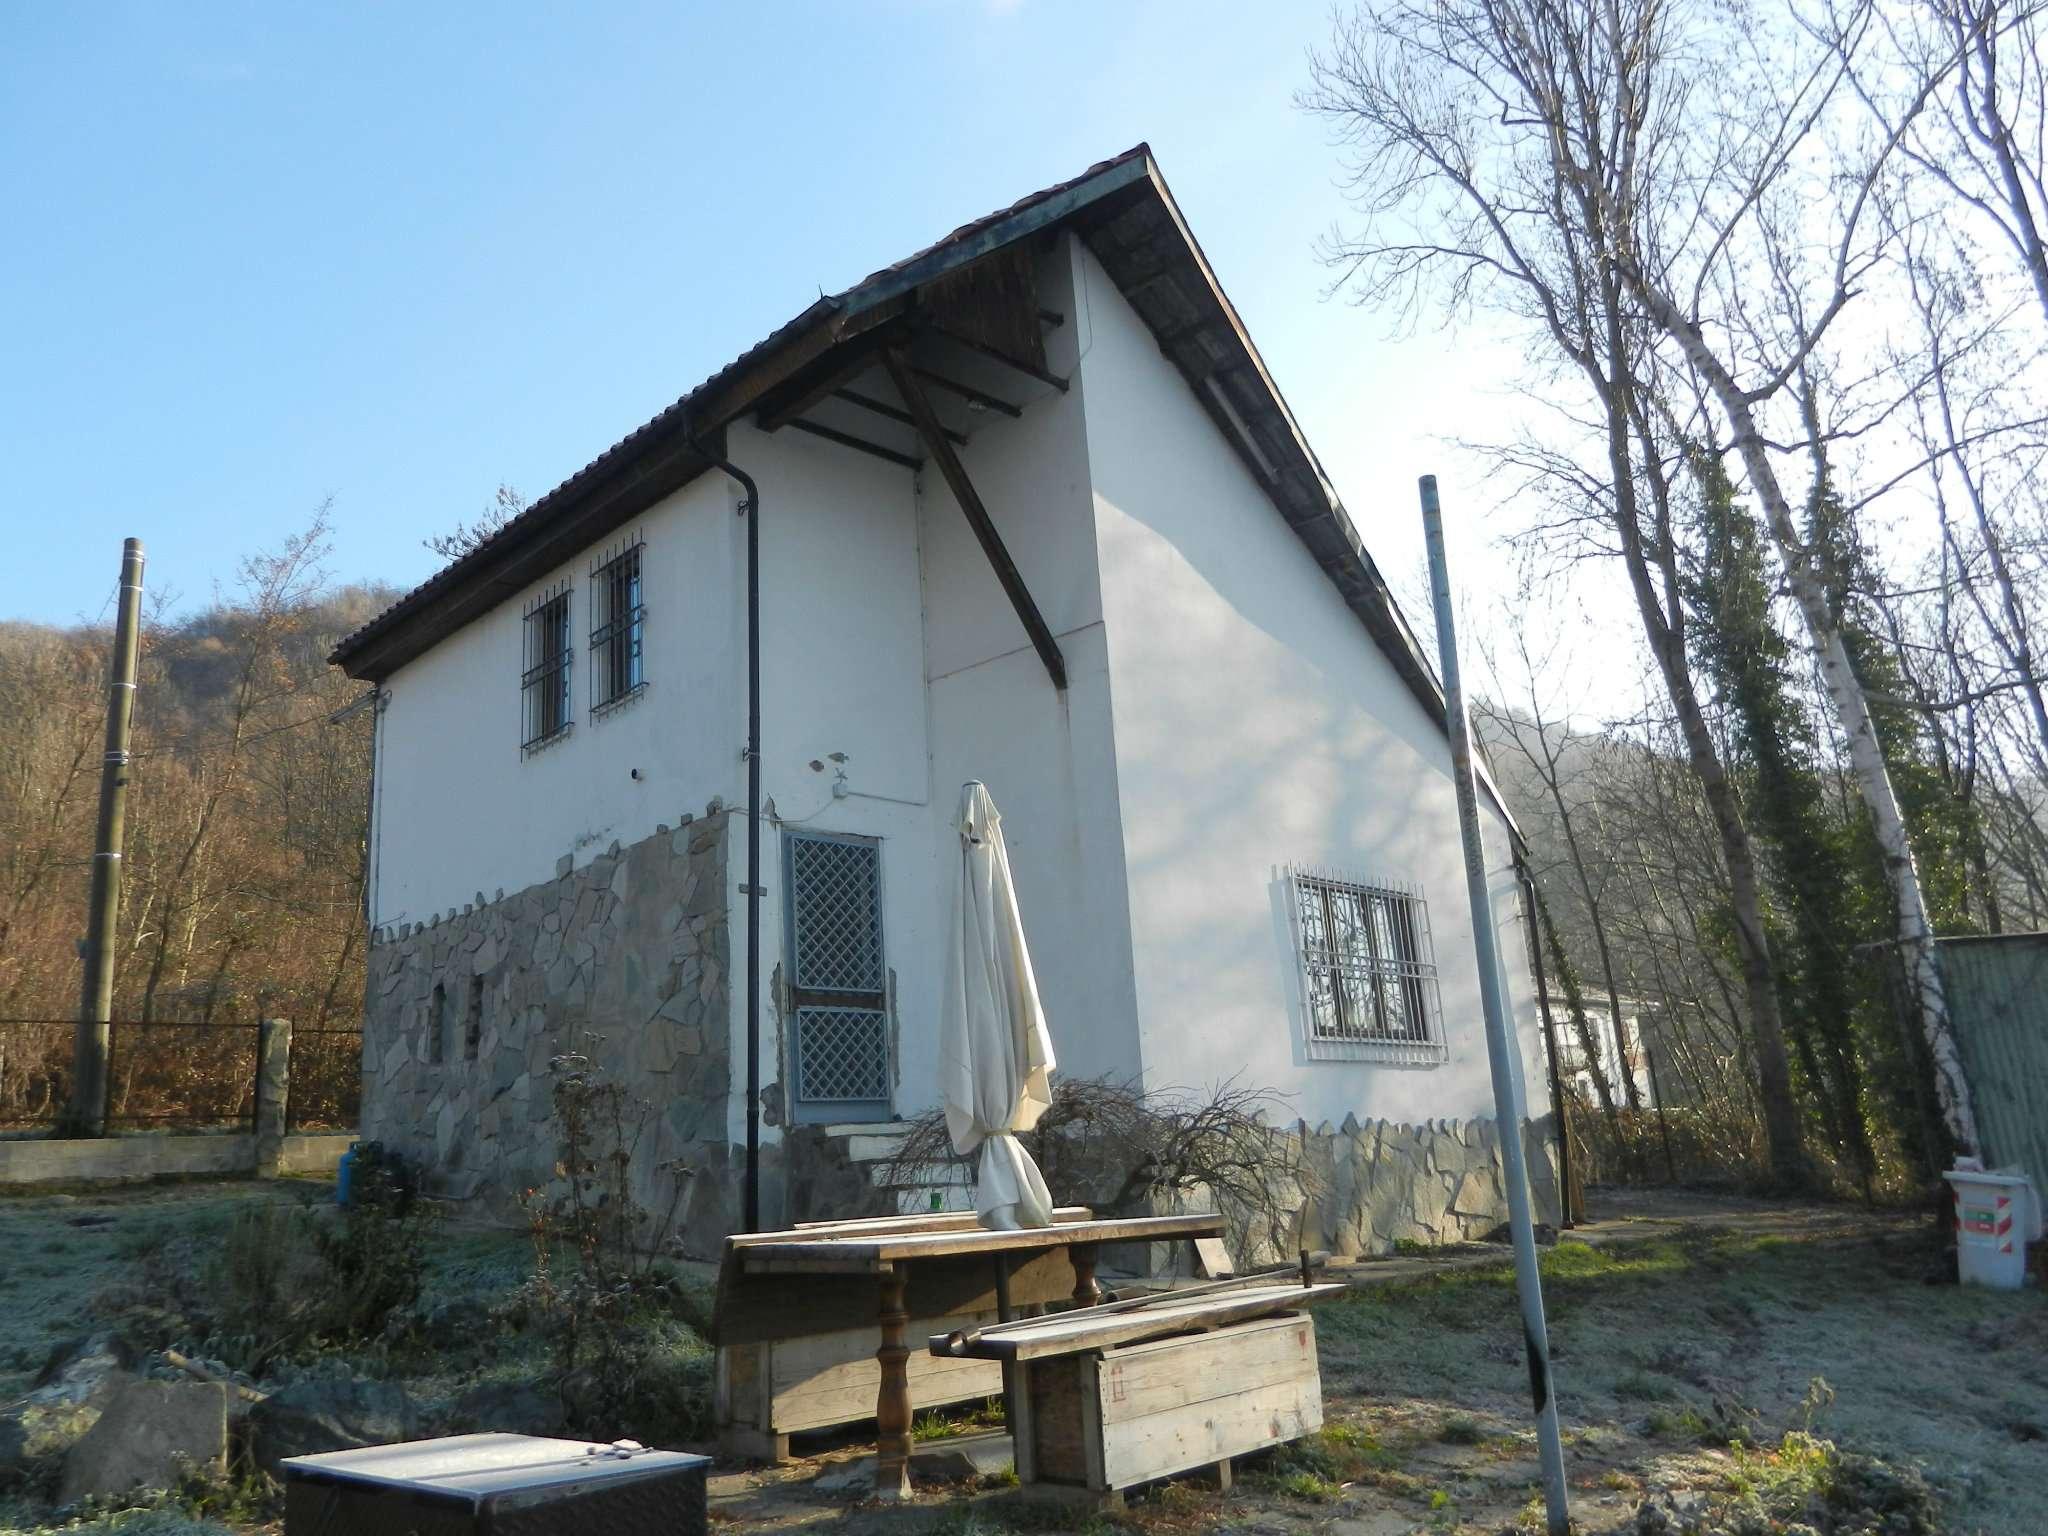 Villa in vendita a Avigliana, 4 locali, prezzo € 215.000 | Cambio Casa.it